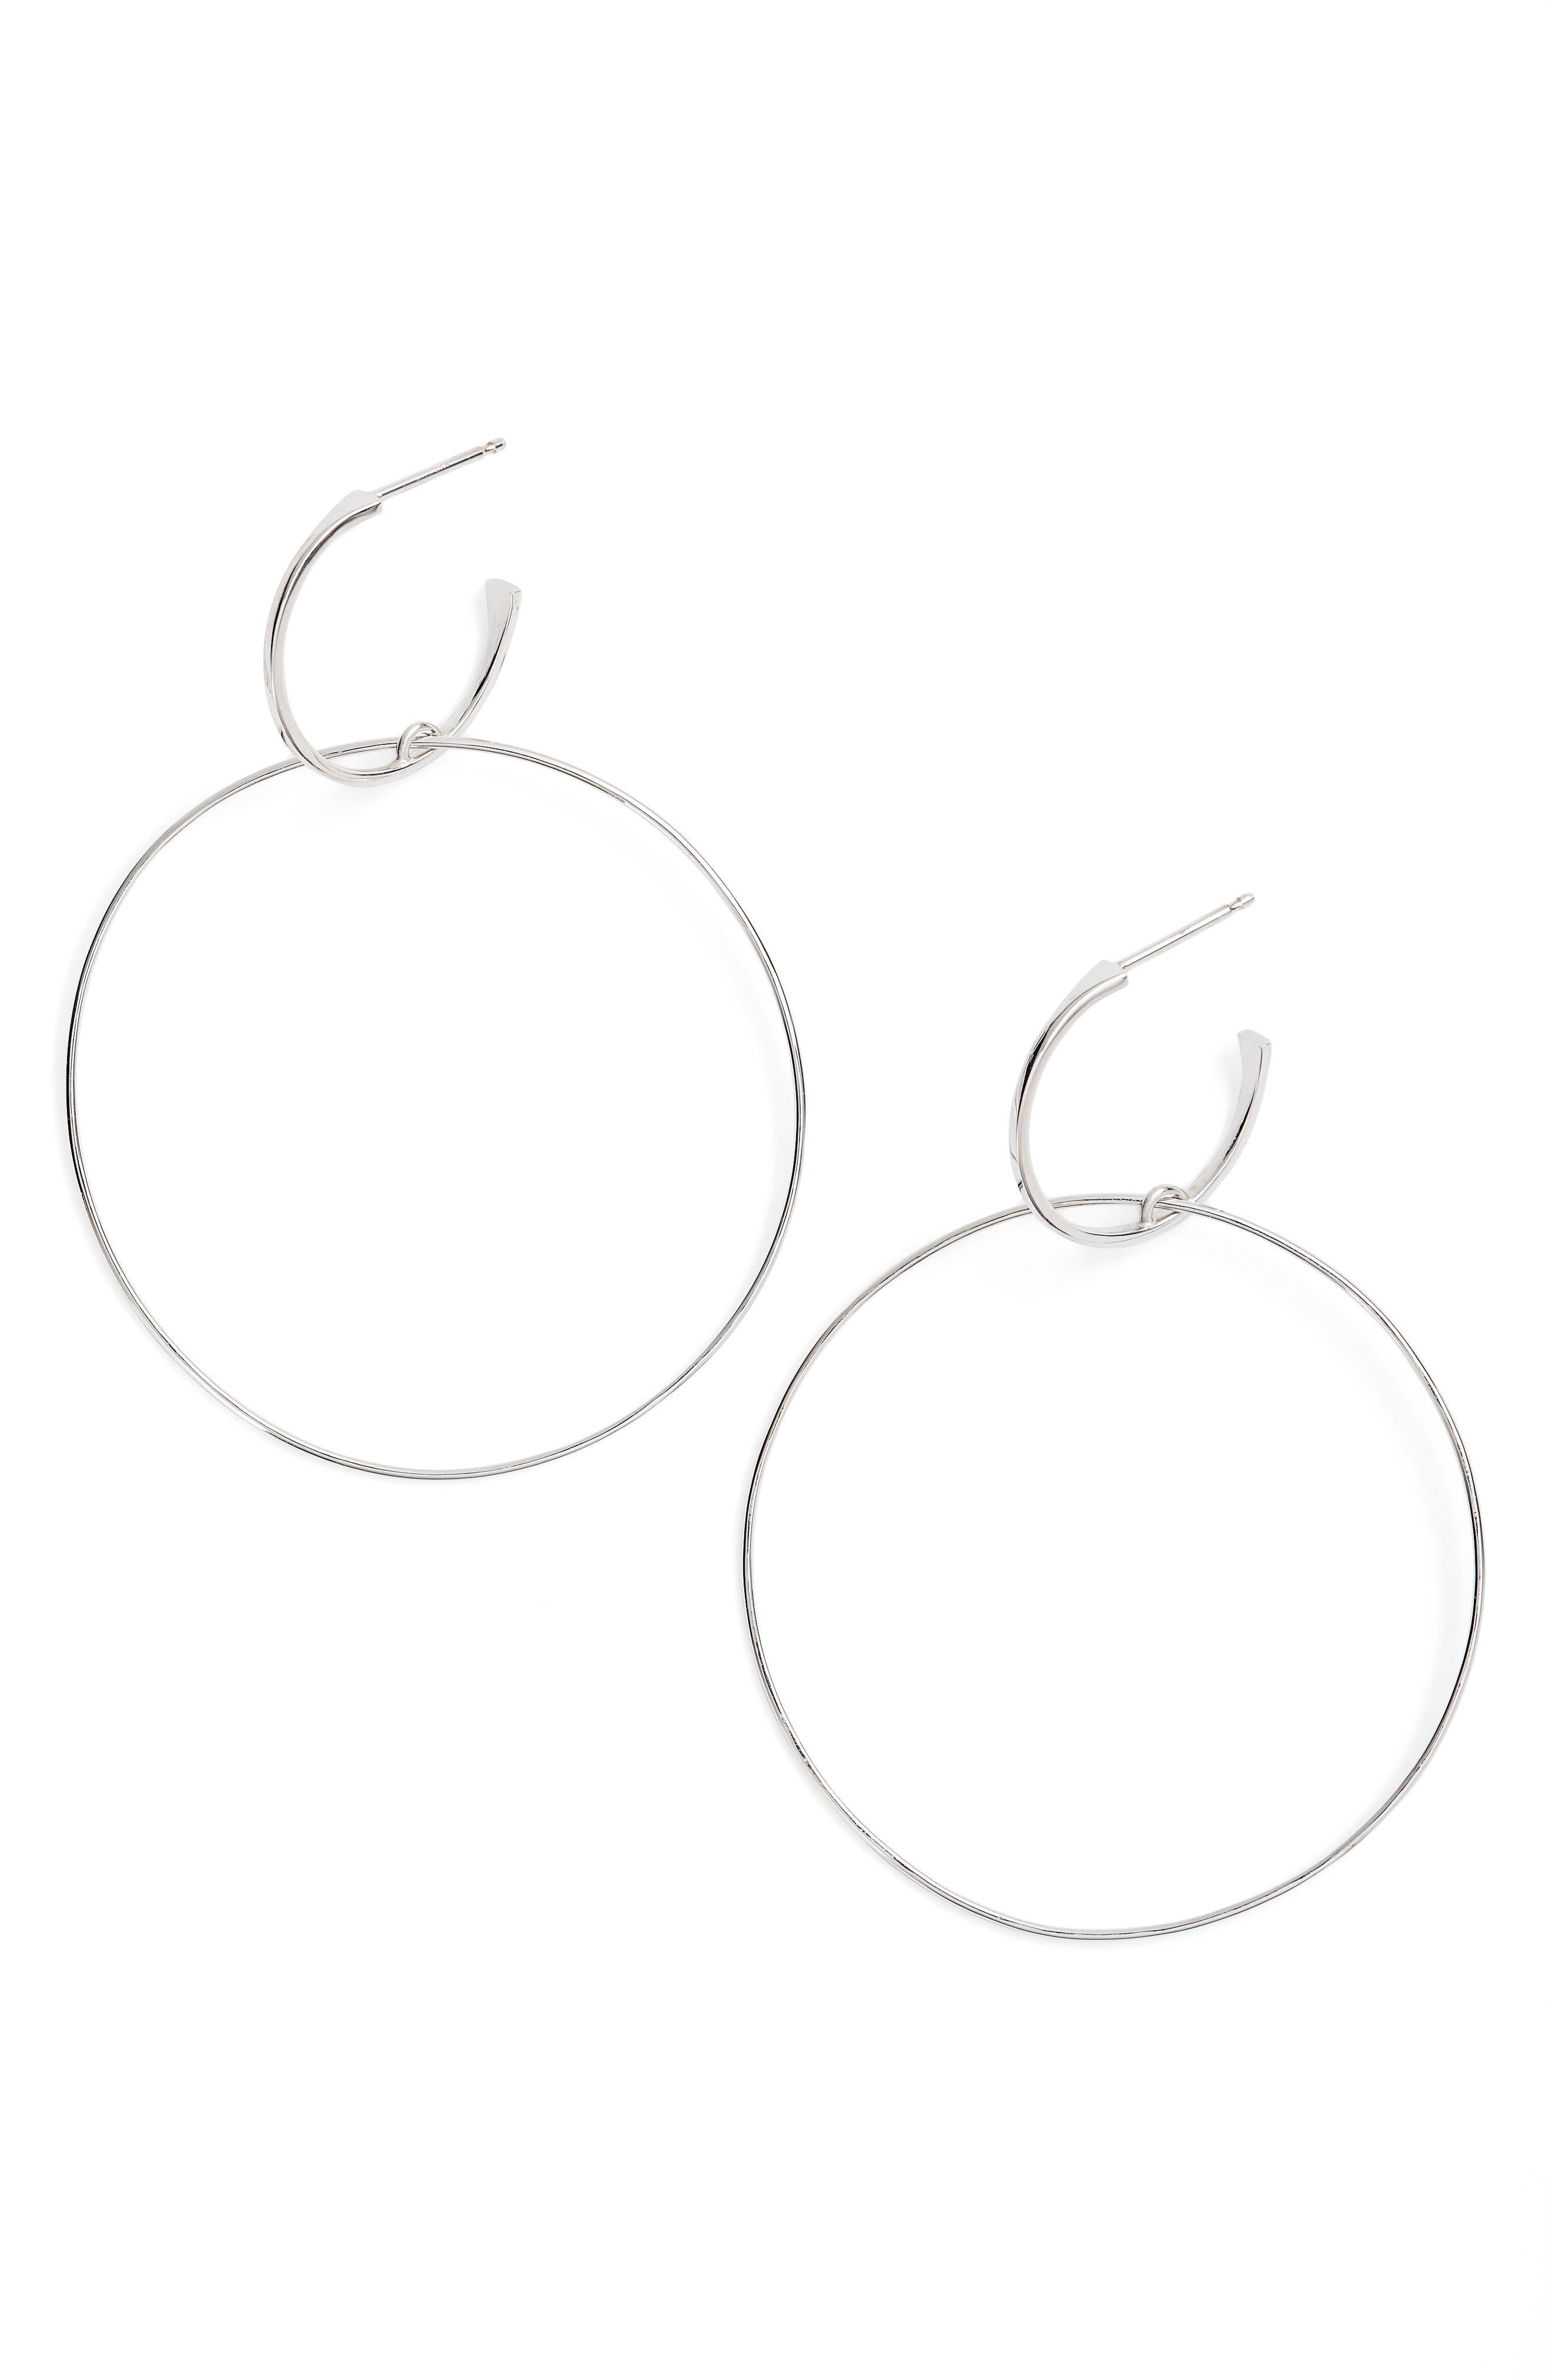 LANA JEWELRY Bond Small Double Hoop Earrings